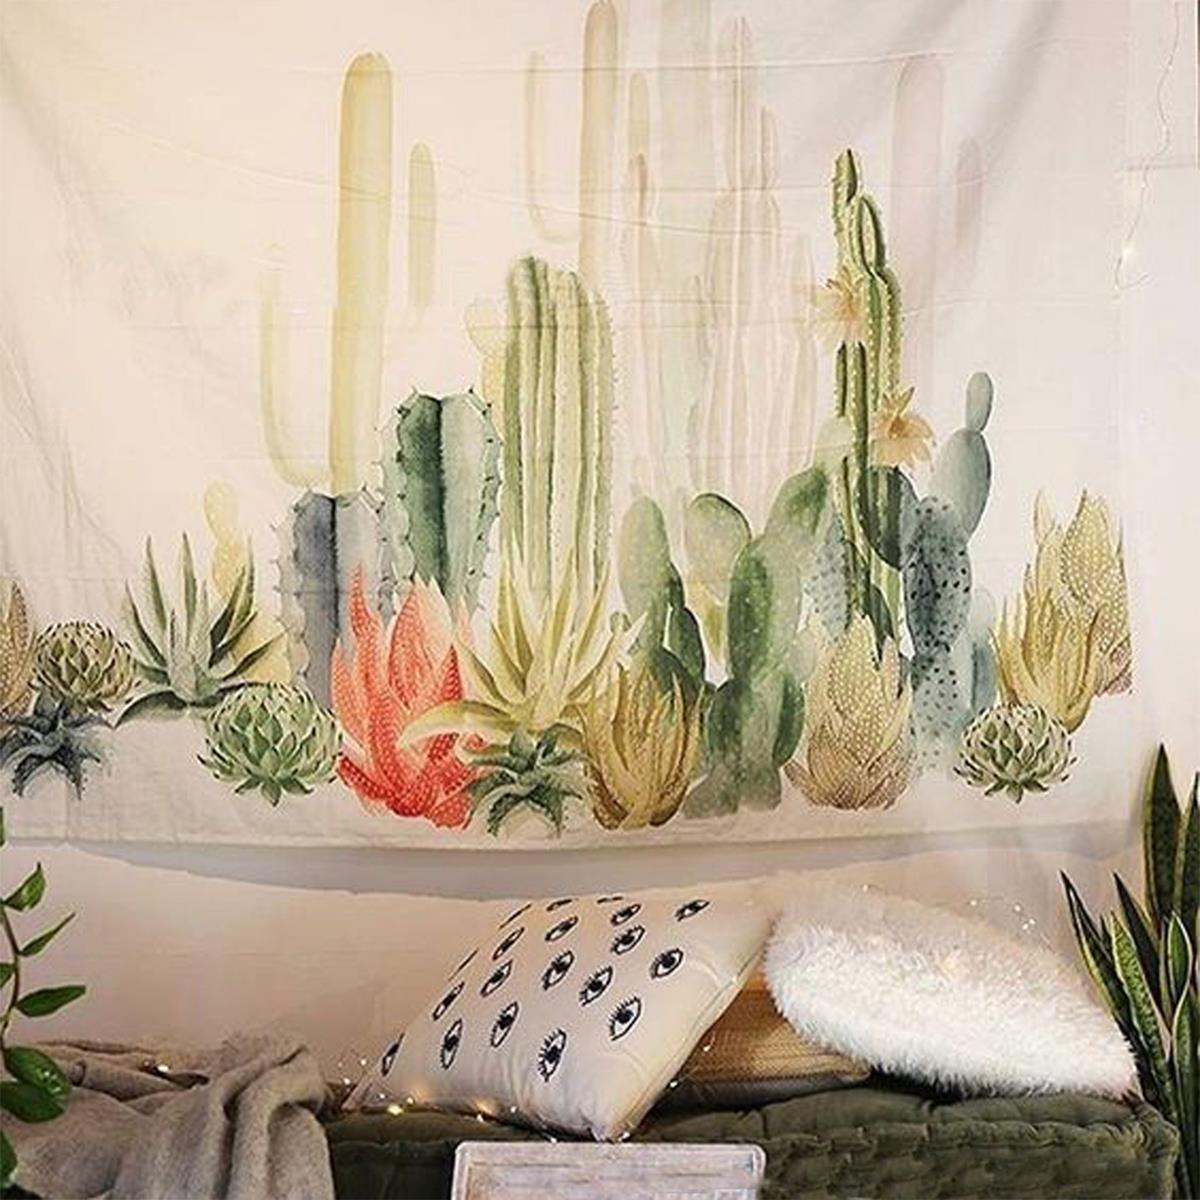 Wall Hanging Cactus Arazzo Della Boemia 150*150 cm Copertura Telo Mare Rimessa Laterale Coperta di Picnic Stuoia di Yoga Decorazione Della Casa Tessile